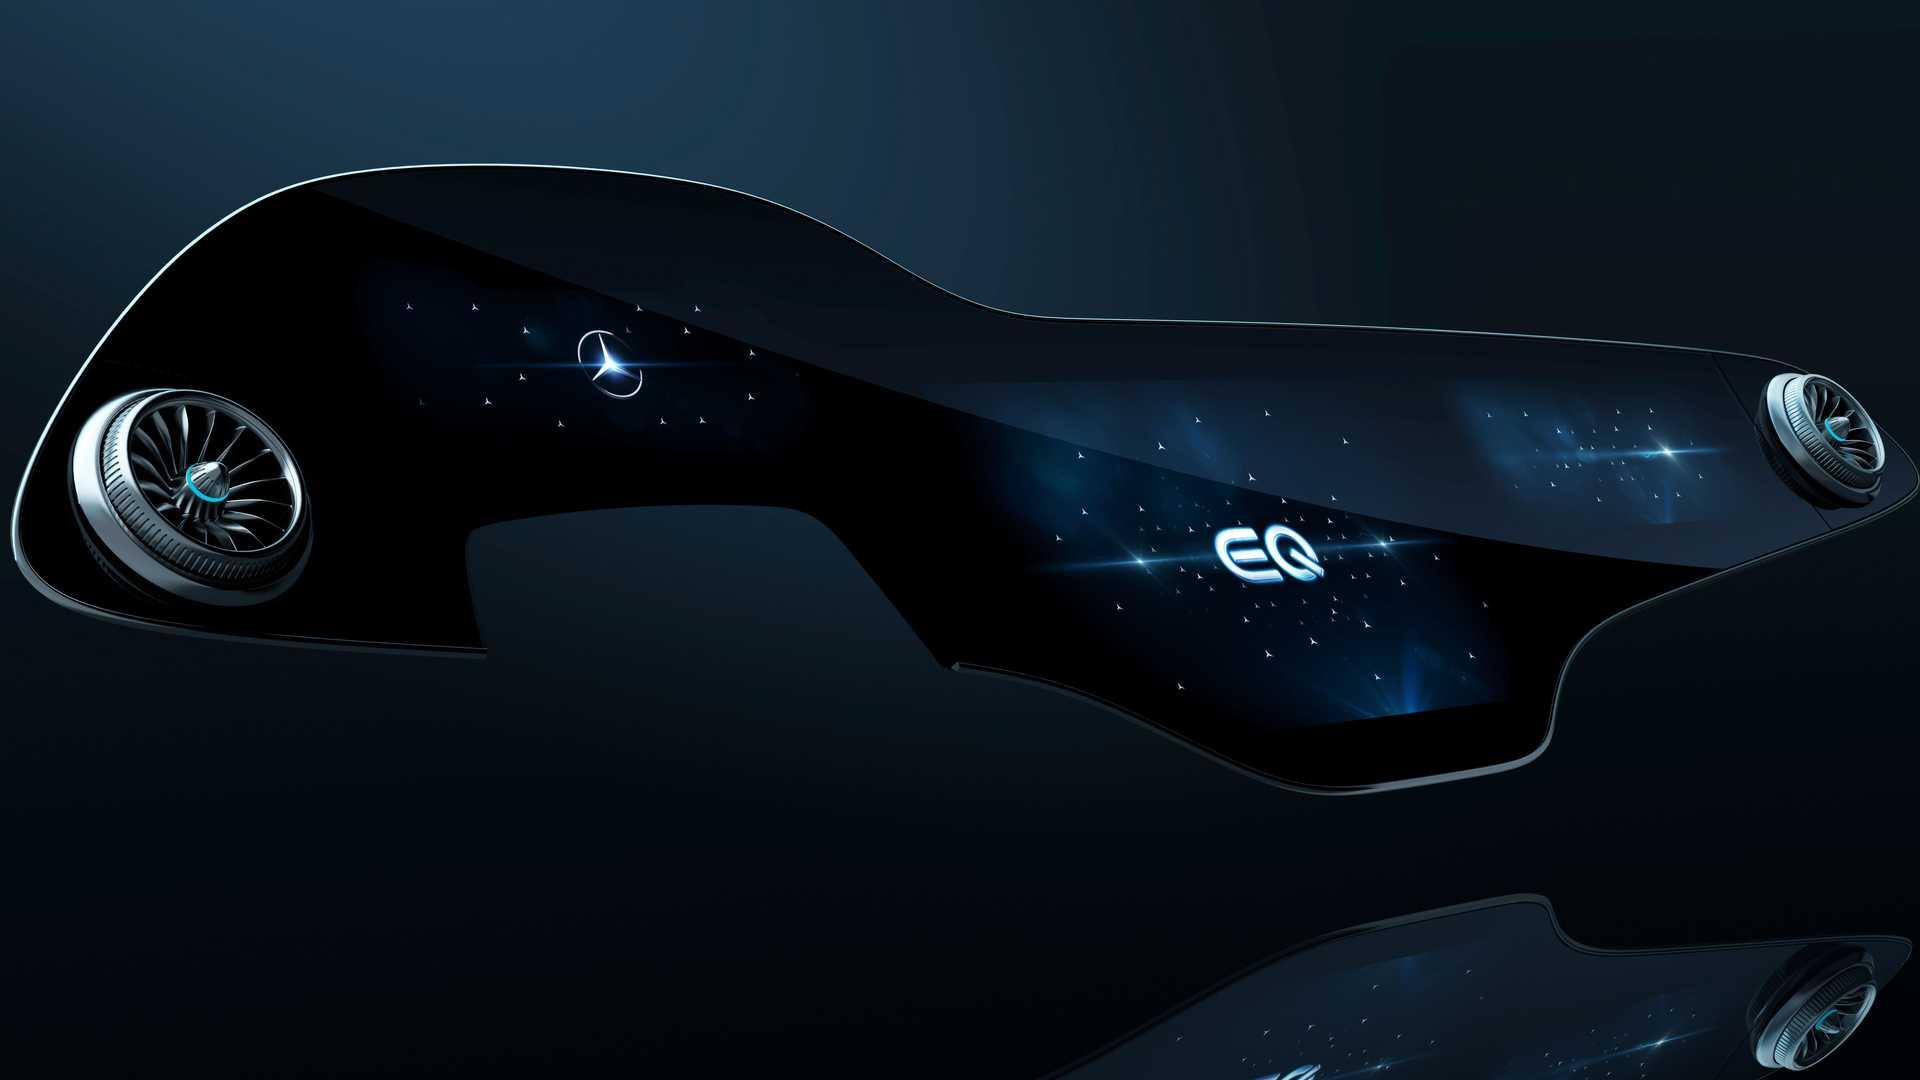 56 дюймов стекла: Mercedes-Benz показал «гиперэкран» для флагманского электрокара